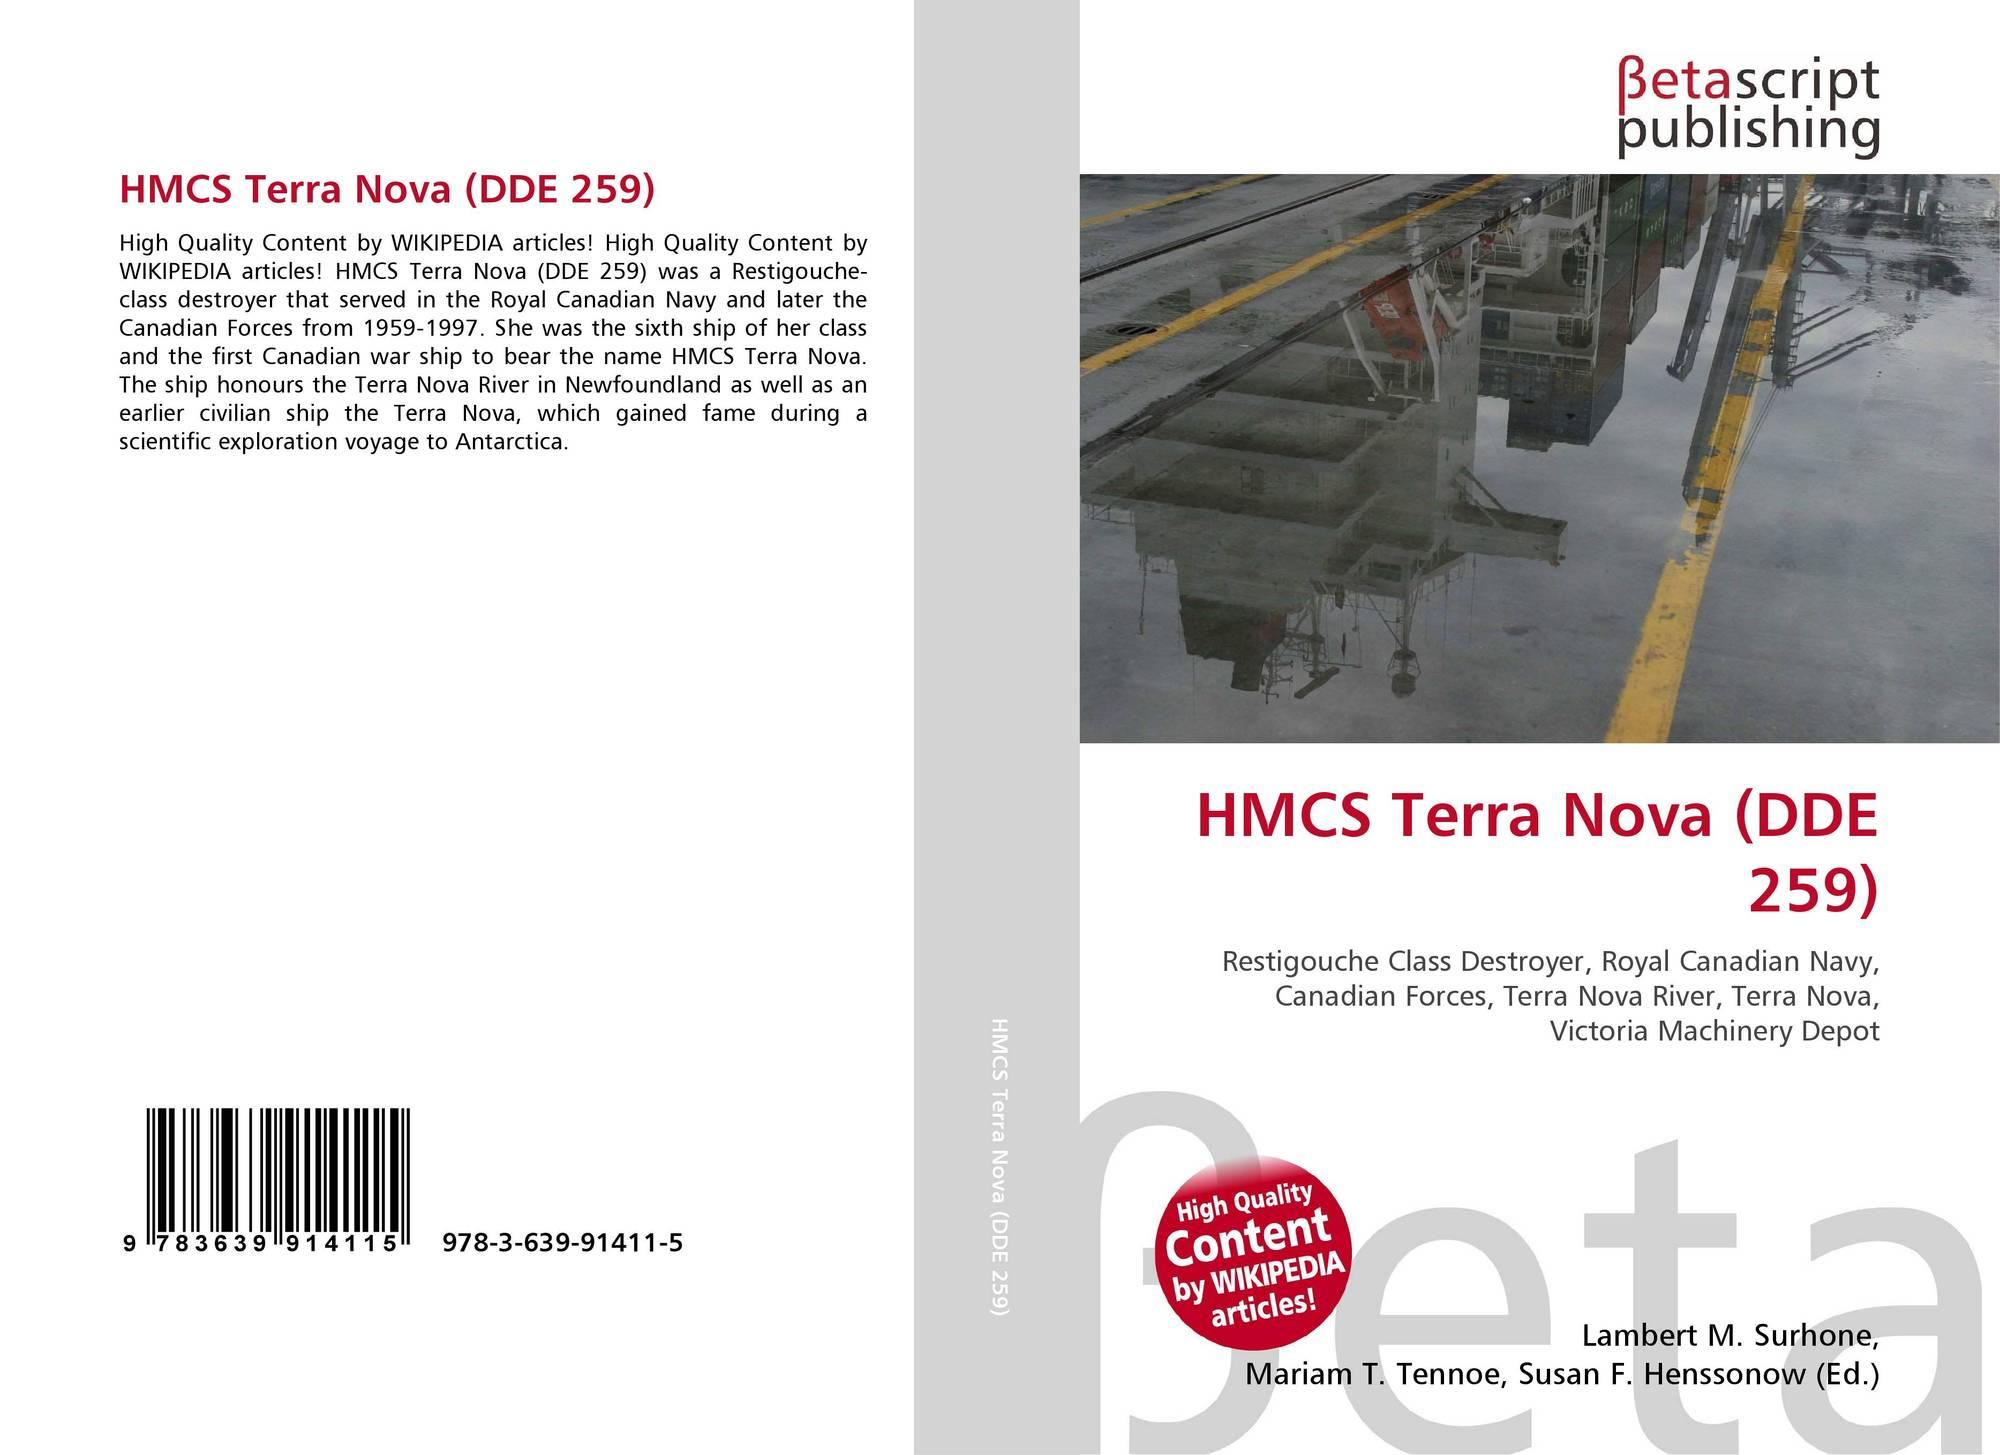 HMCS Terra Nova (DDE 259), 978-3-639-91411-5, 3639914112